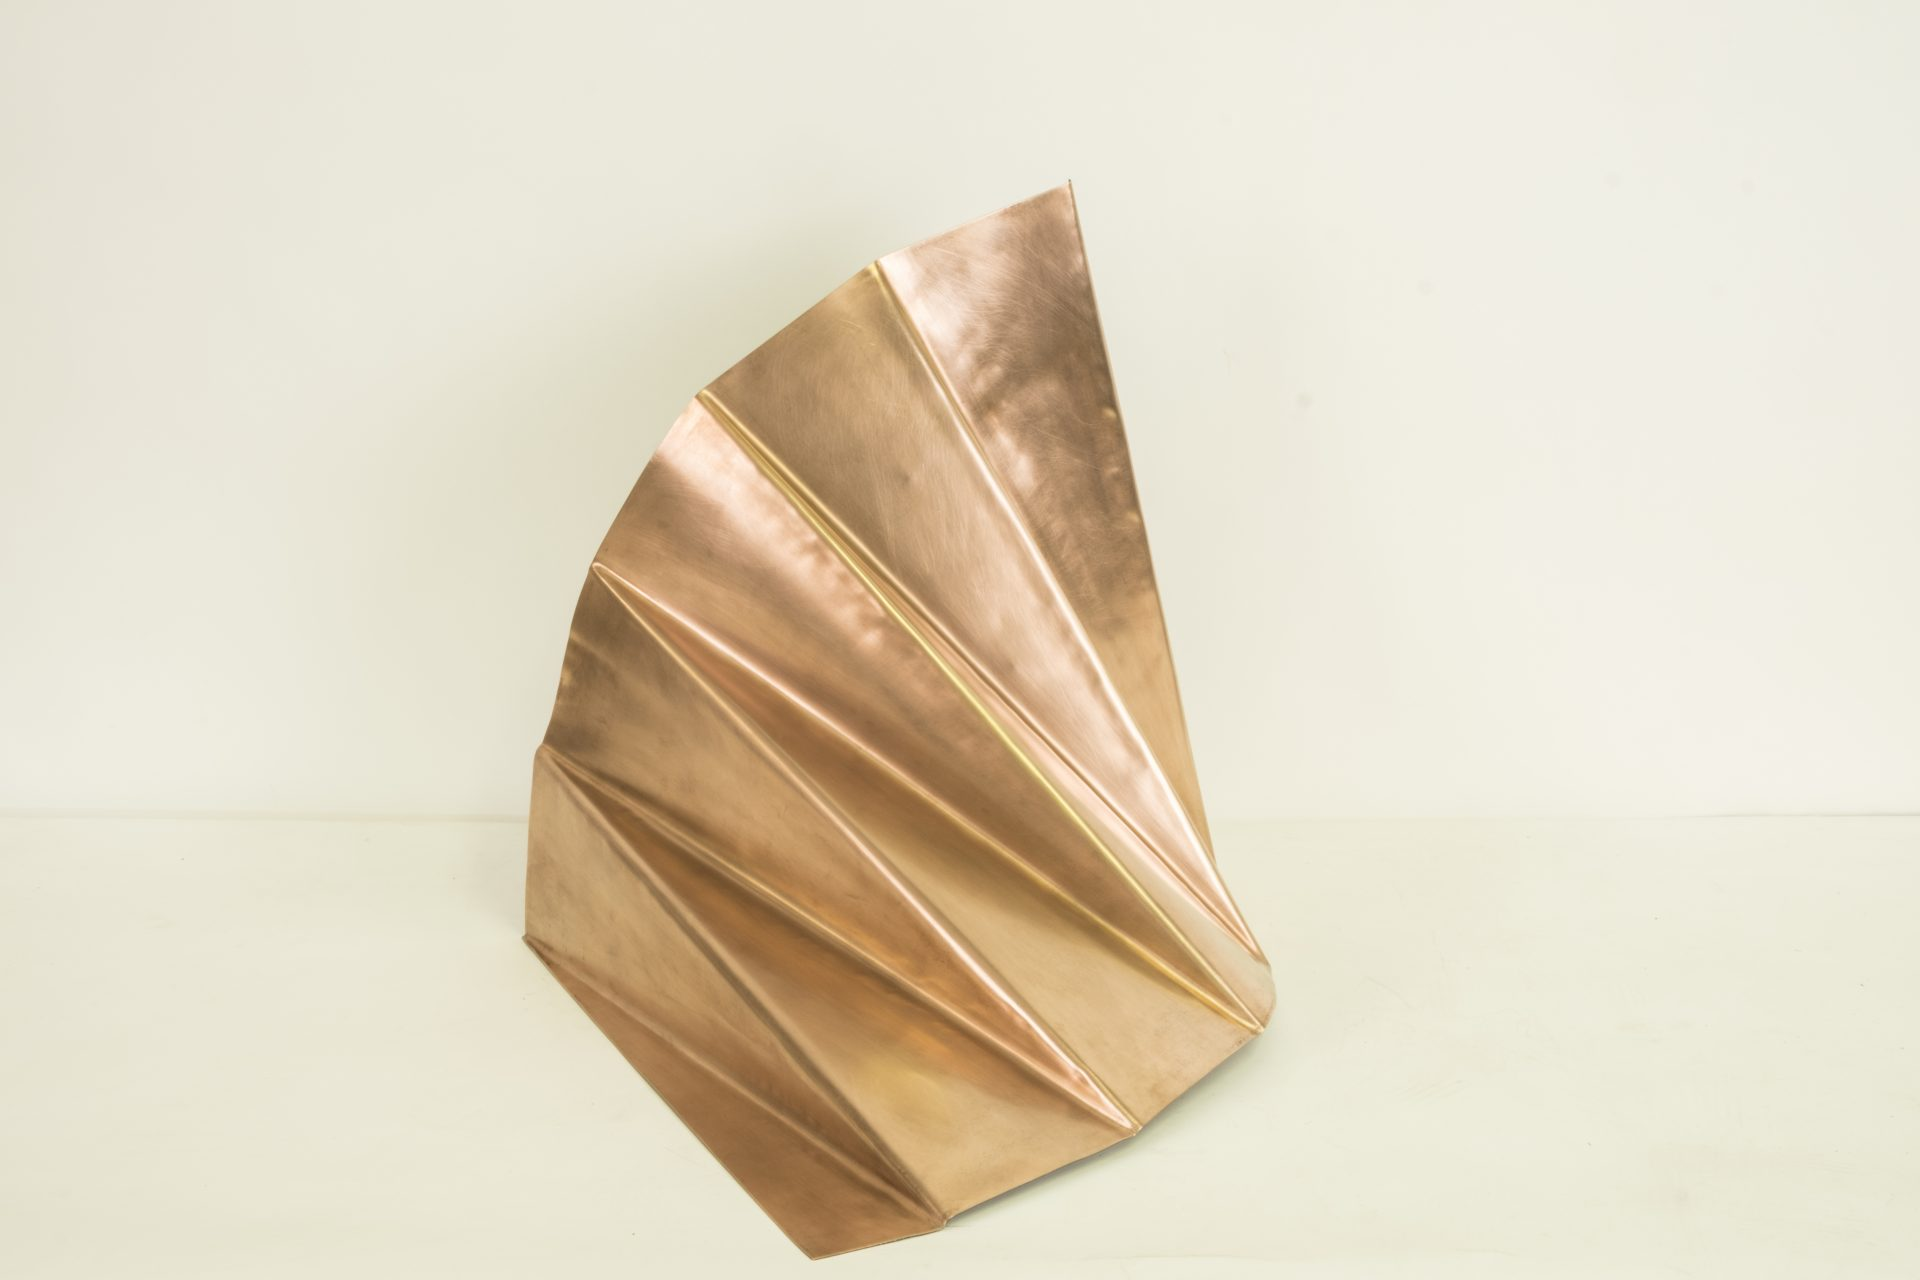 Genitori Forti<br>SPR06<br>misure: 50 x 53 x 52 cm<br>tecnica: scultura di rame<br>anno: 2018